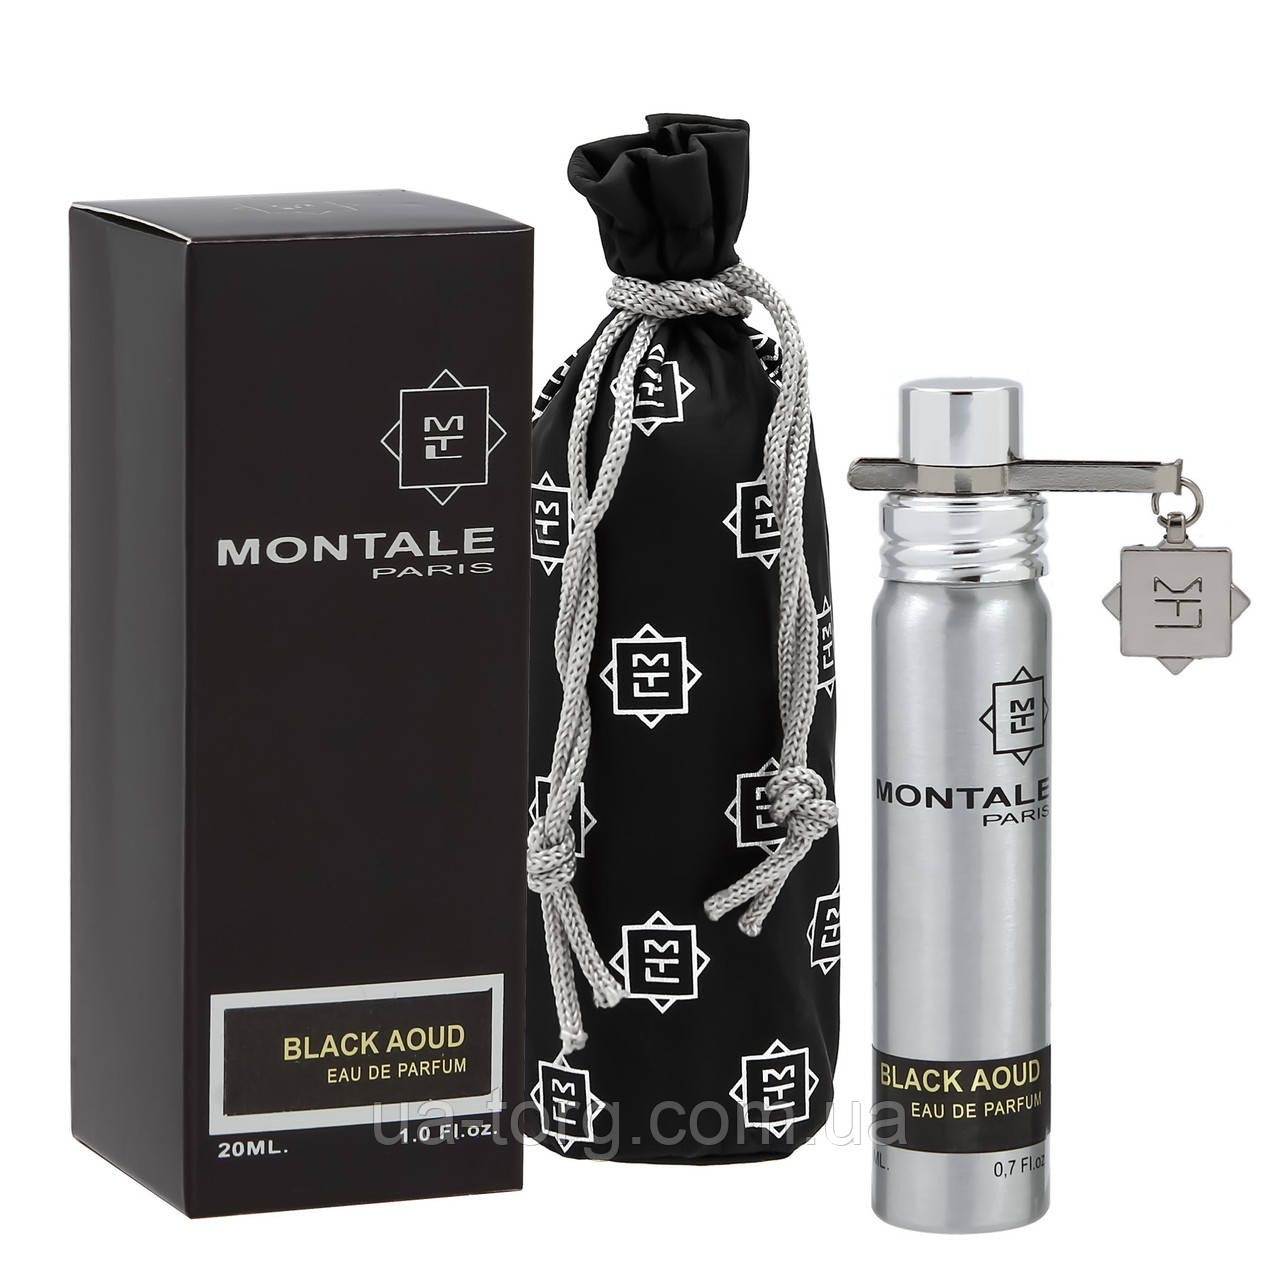 Мужской мини-парфюм Montale Black Aoud, 20 мл